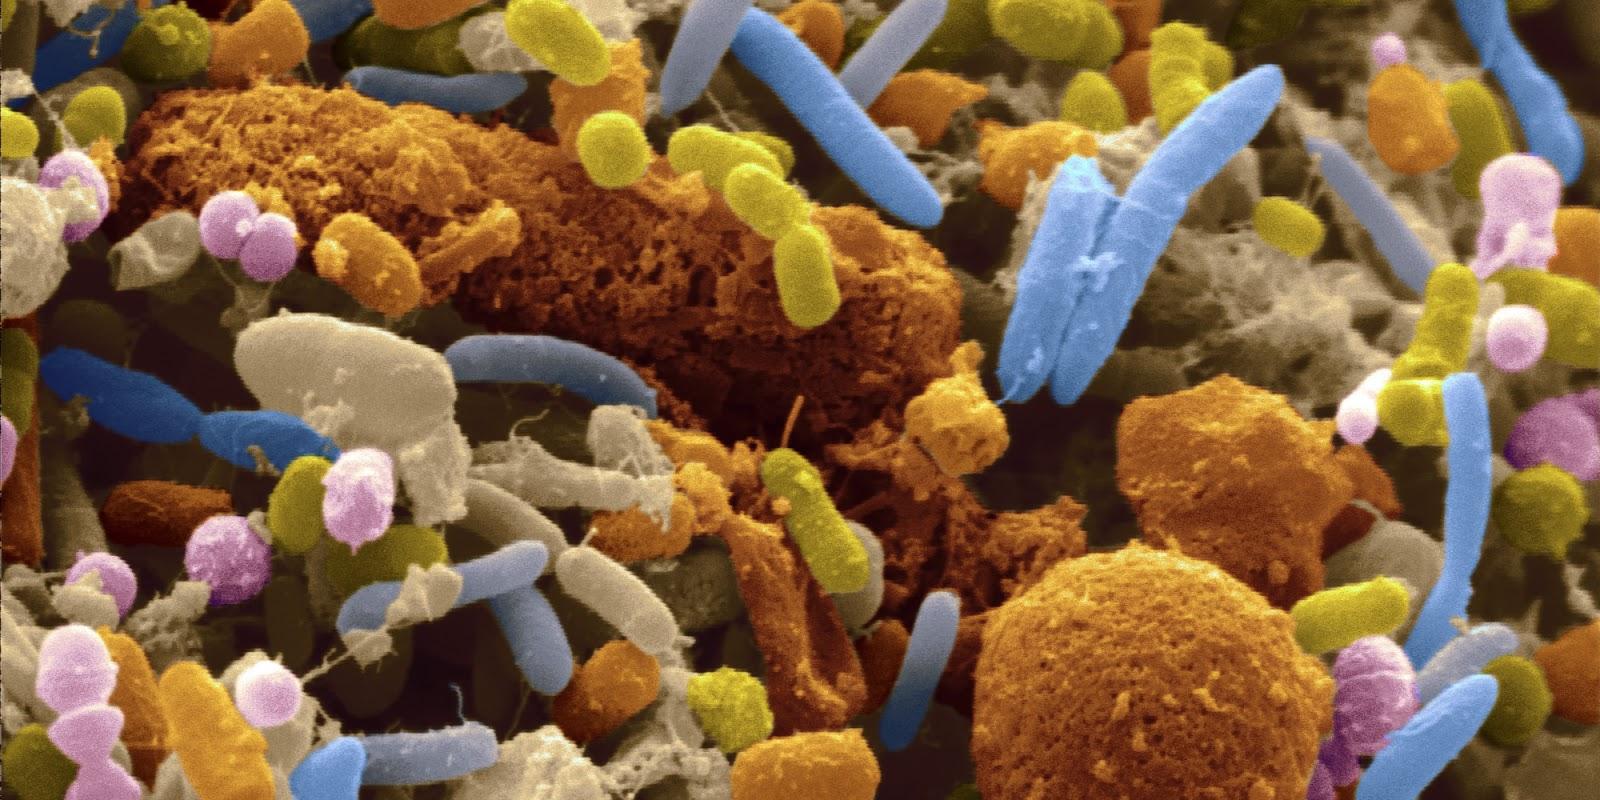 Las reacciones emocionales están relacionadas con las bacterias intestinales...